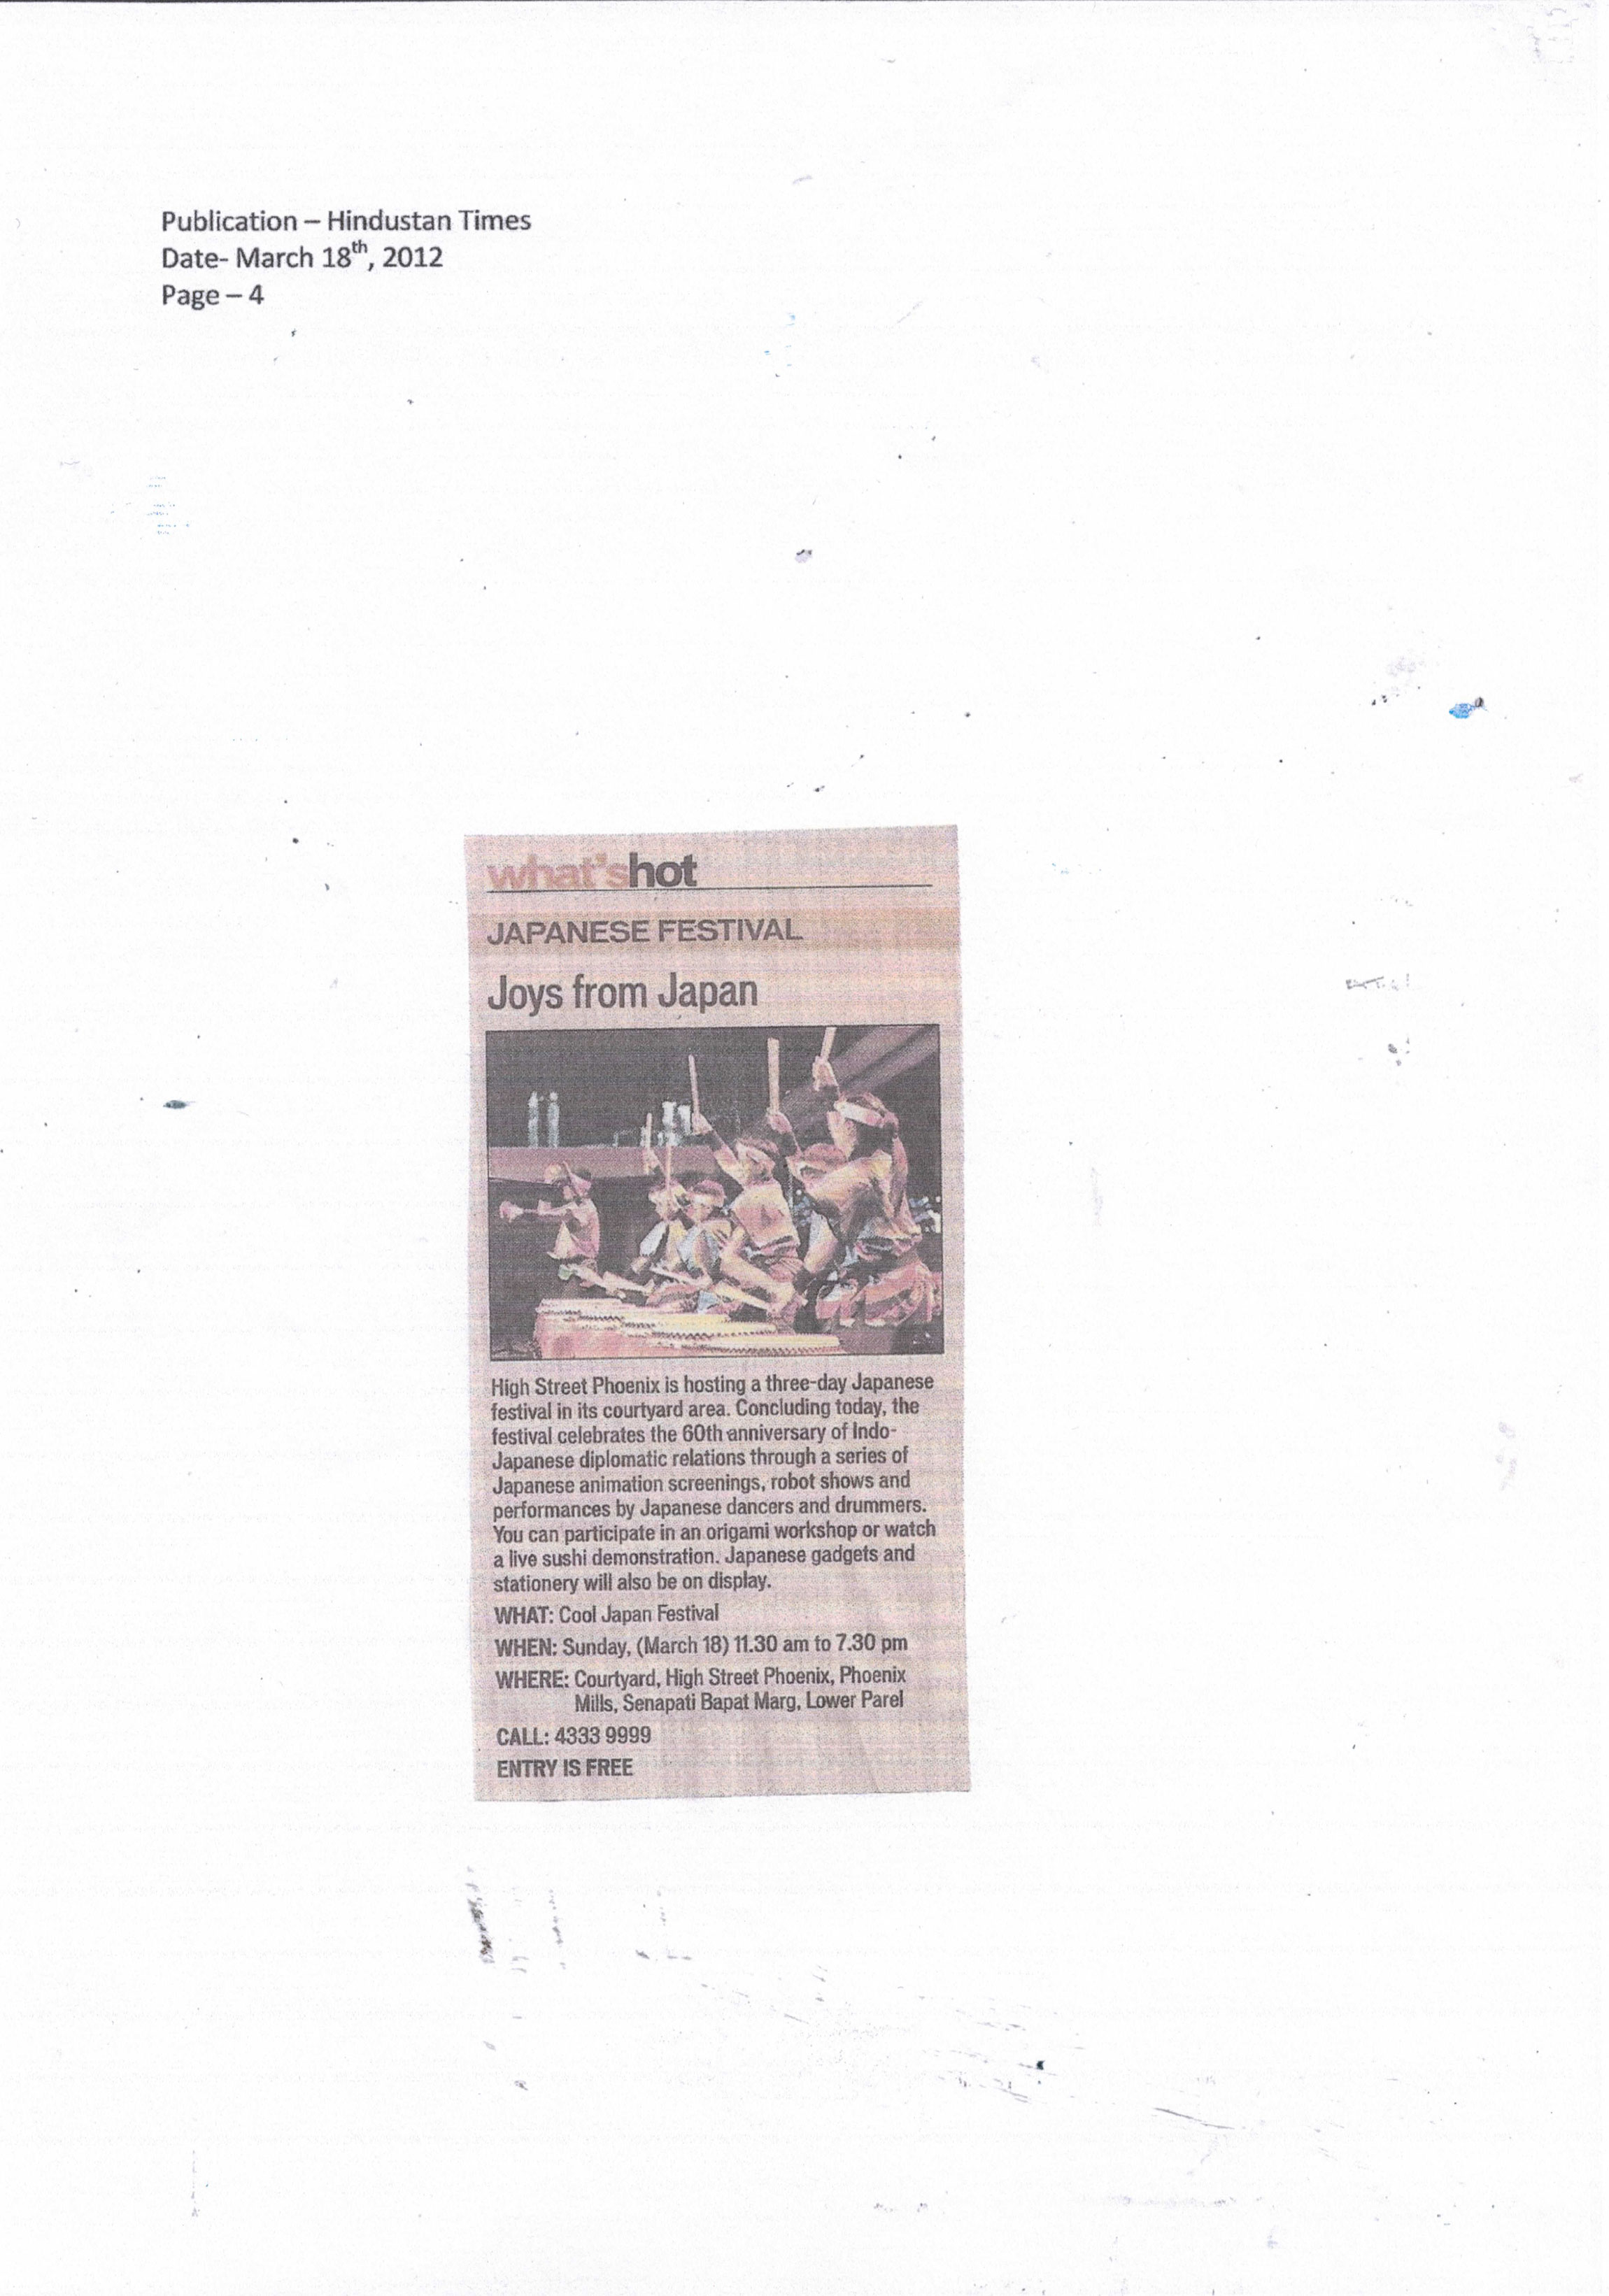 HINDUSTAN-TIMES-@INDIA-18-Mar-2012